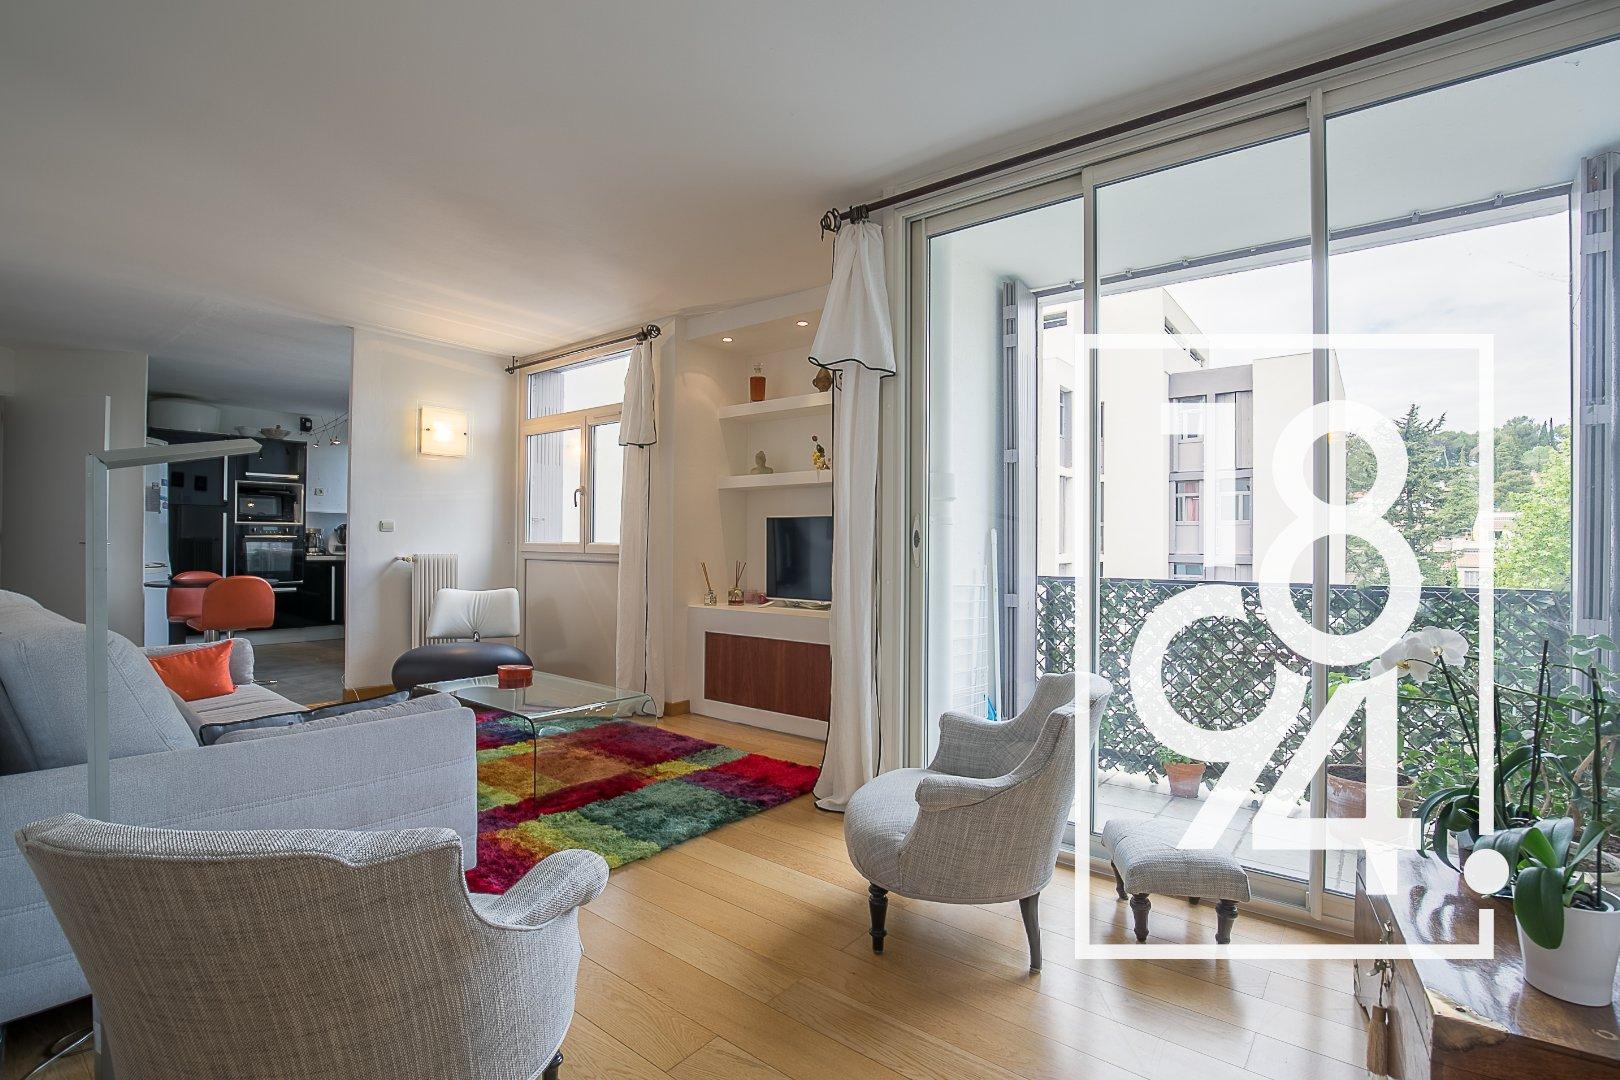 Appartement de type 5 de 90m2 en étage, avec balcon, cave et place de parking.